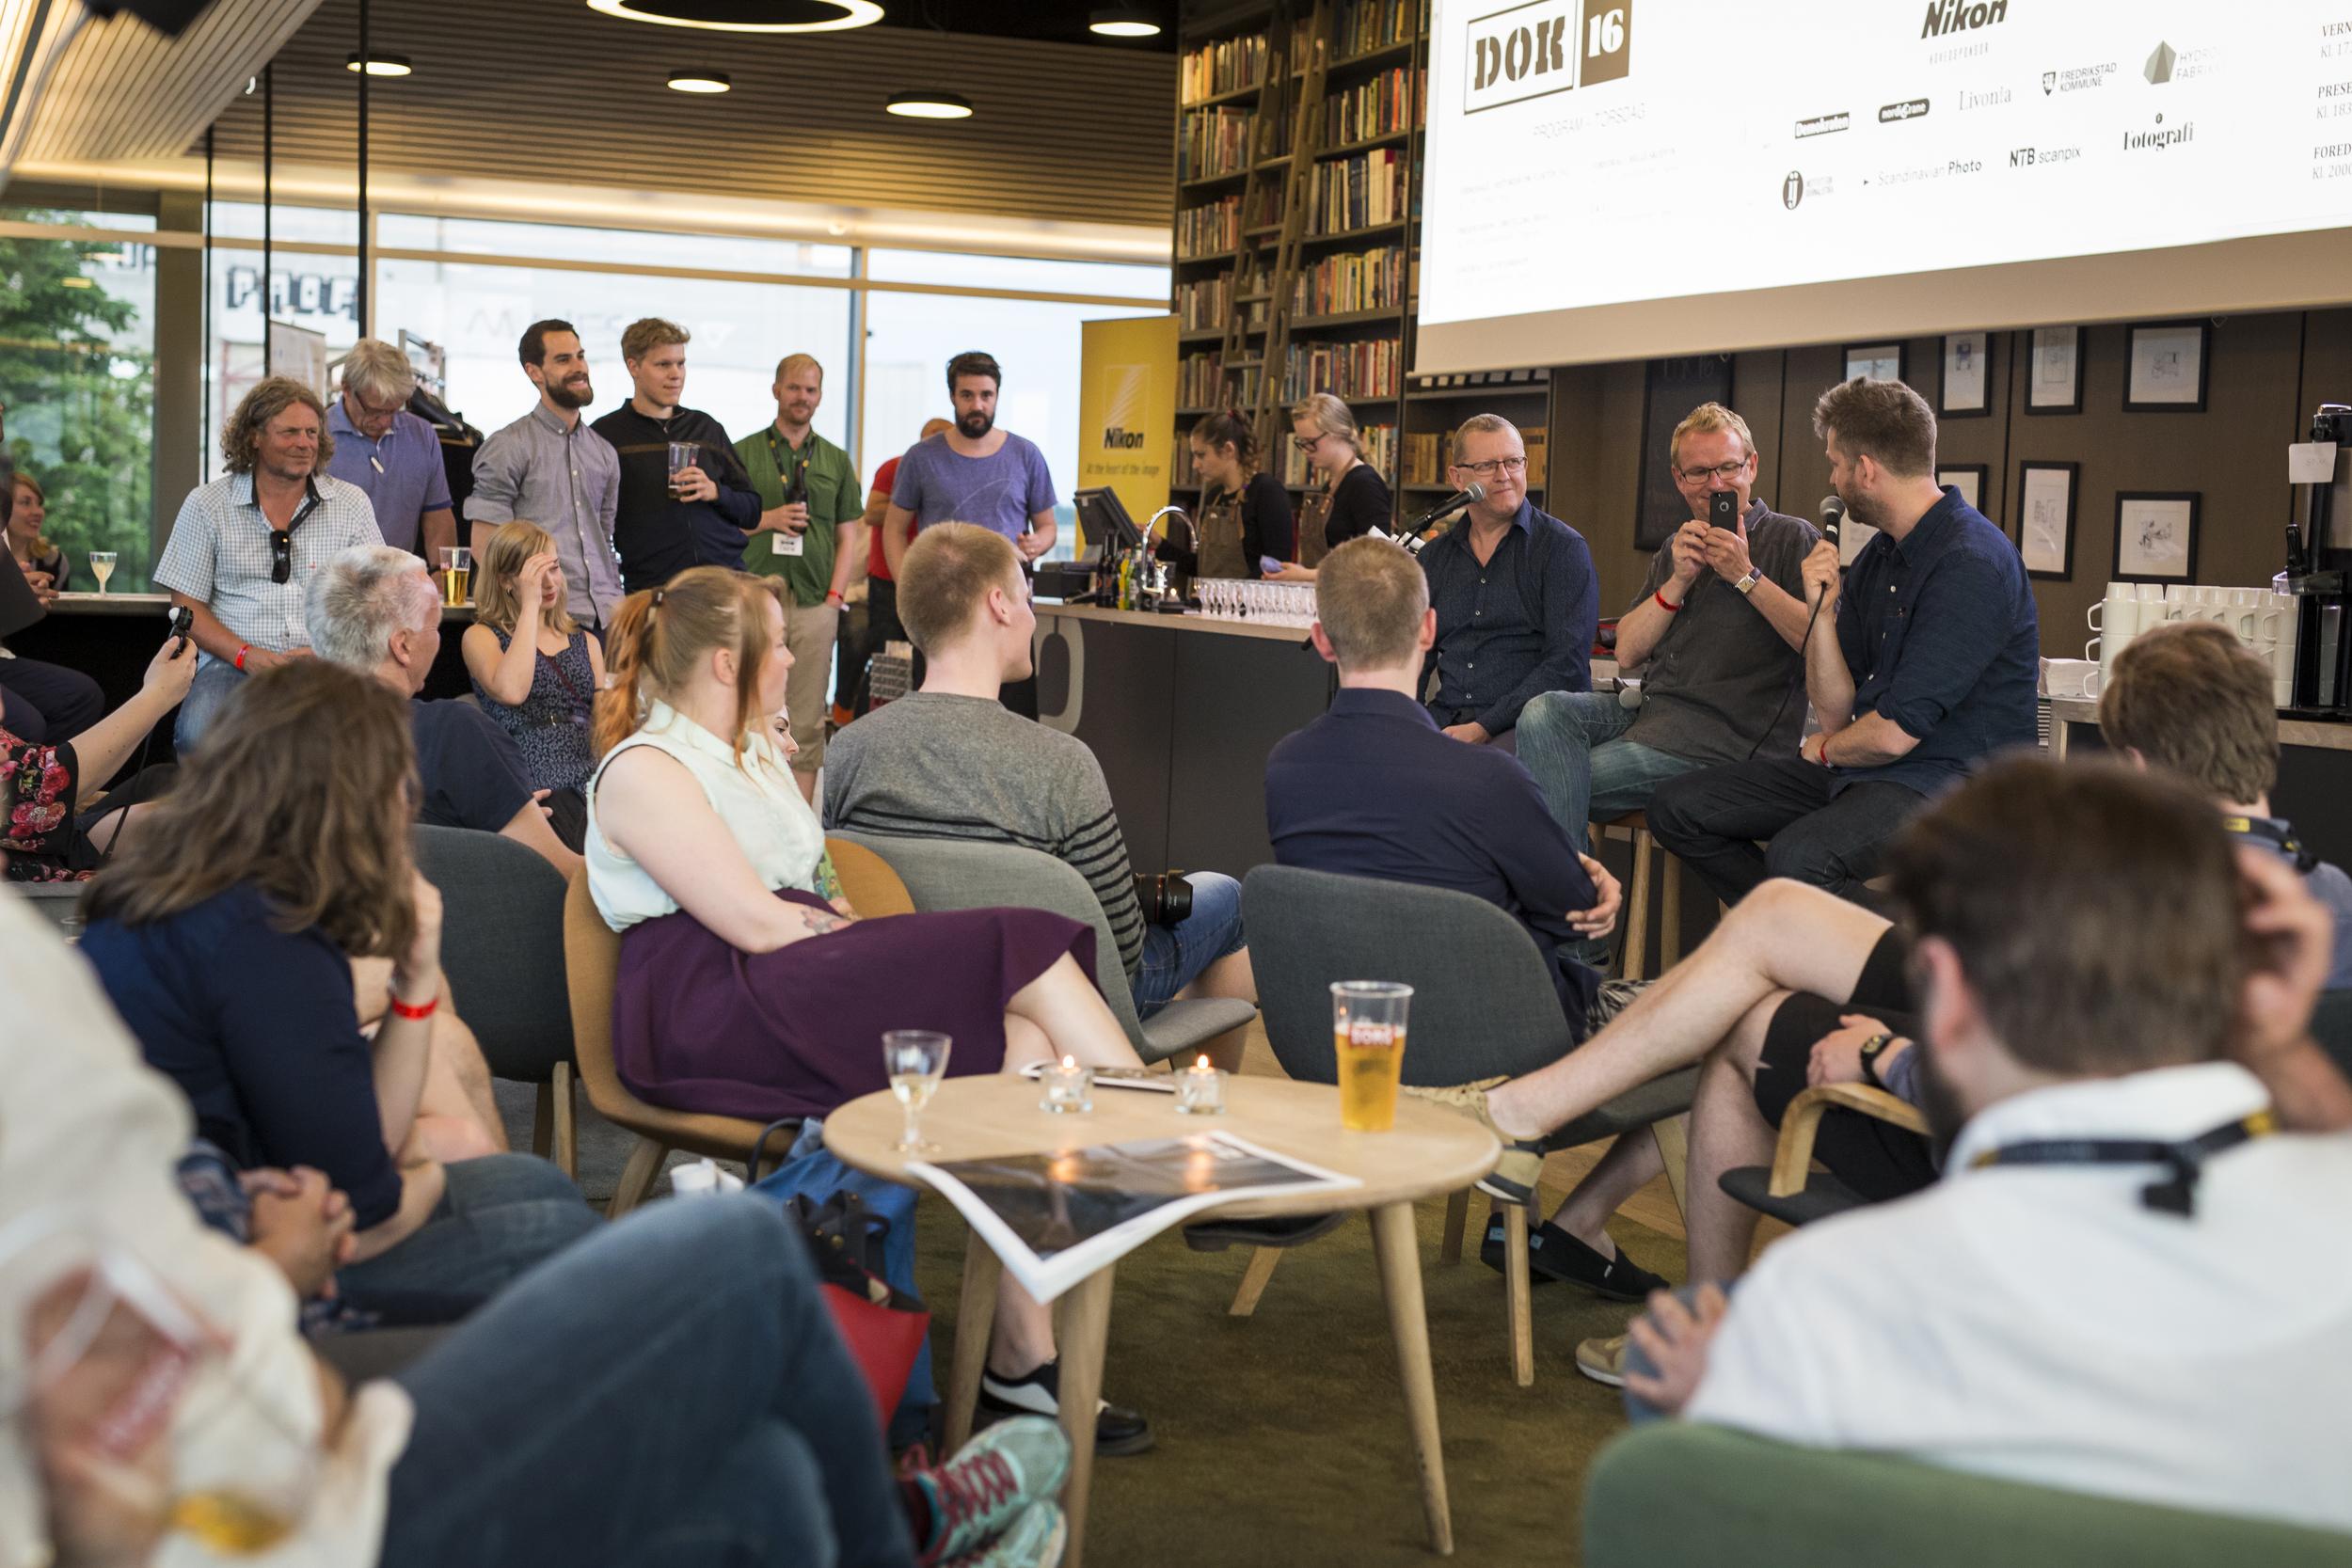 Q&A med Helge Skodvin og Jacob Ehrbahn i Litteraturhusets bar. Foto: Kristine Lindebø